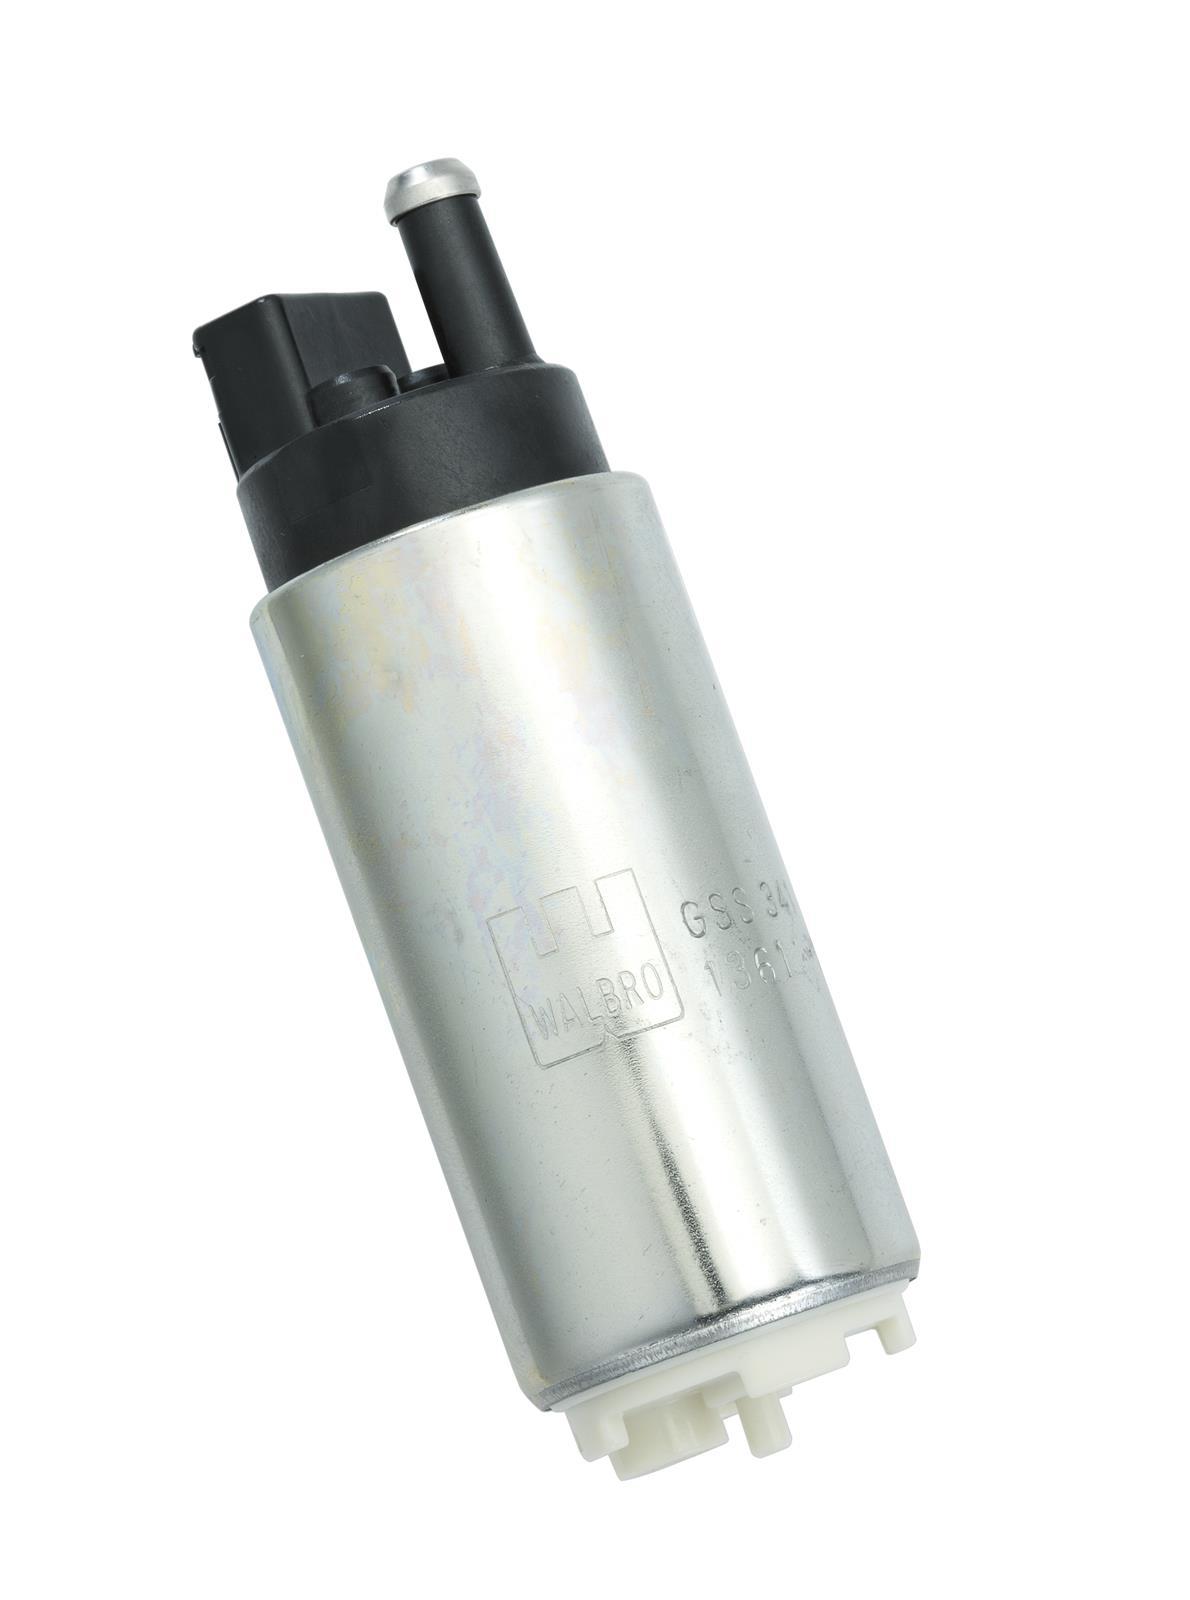 Jr Dragster Walbro Fuel Pump Cover Black